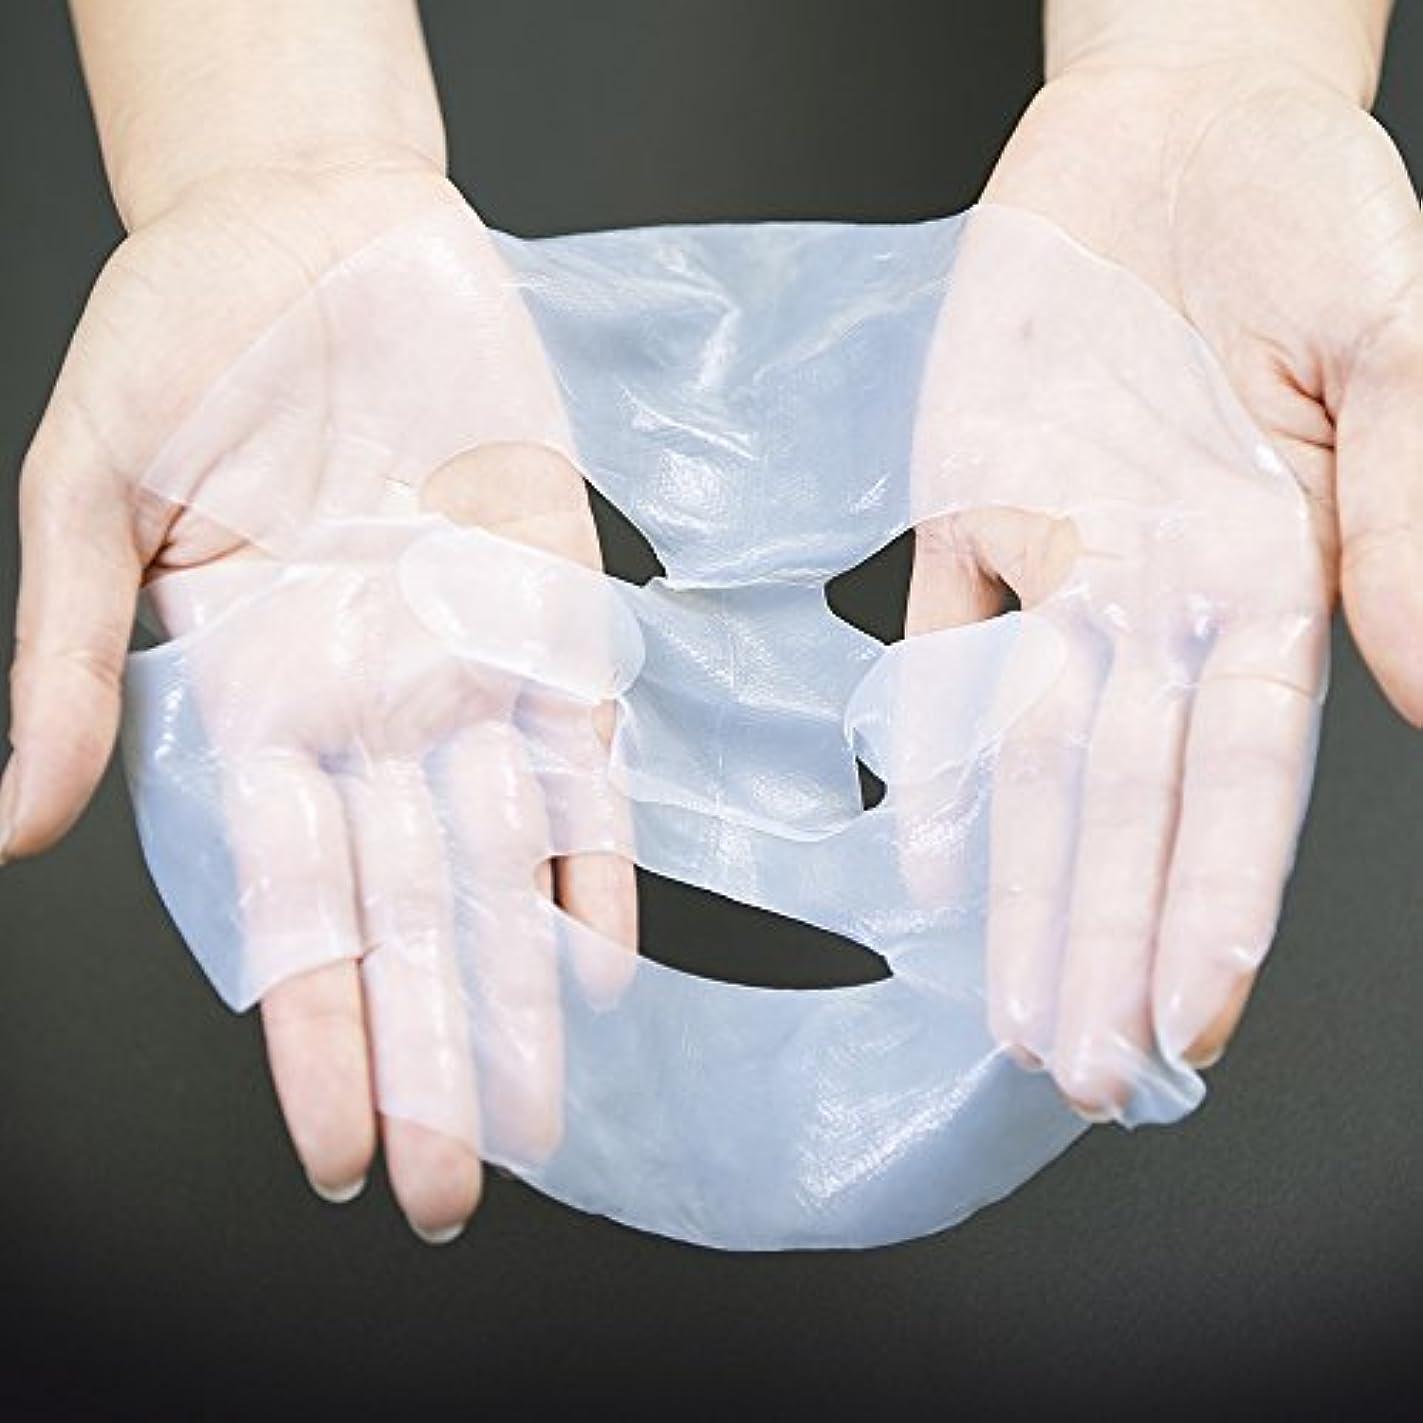 フレッシュ札入れ楕円形ヒト幹細胞化粧品 ディアガイア フェイスパック 5枚セット